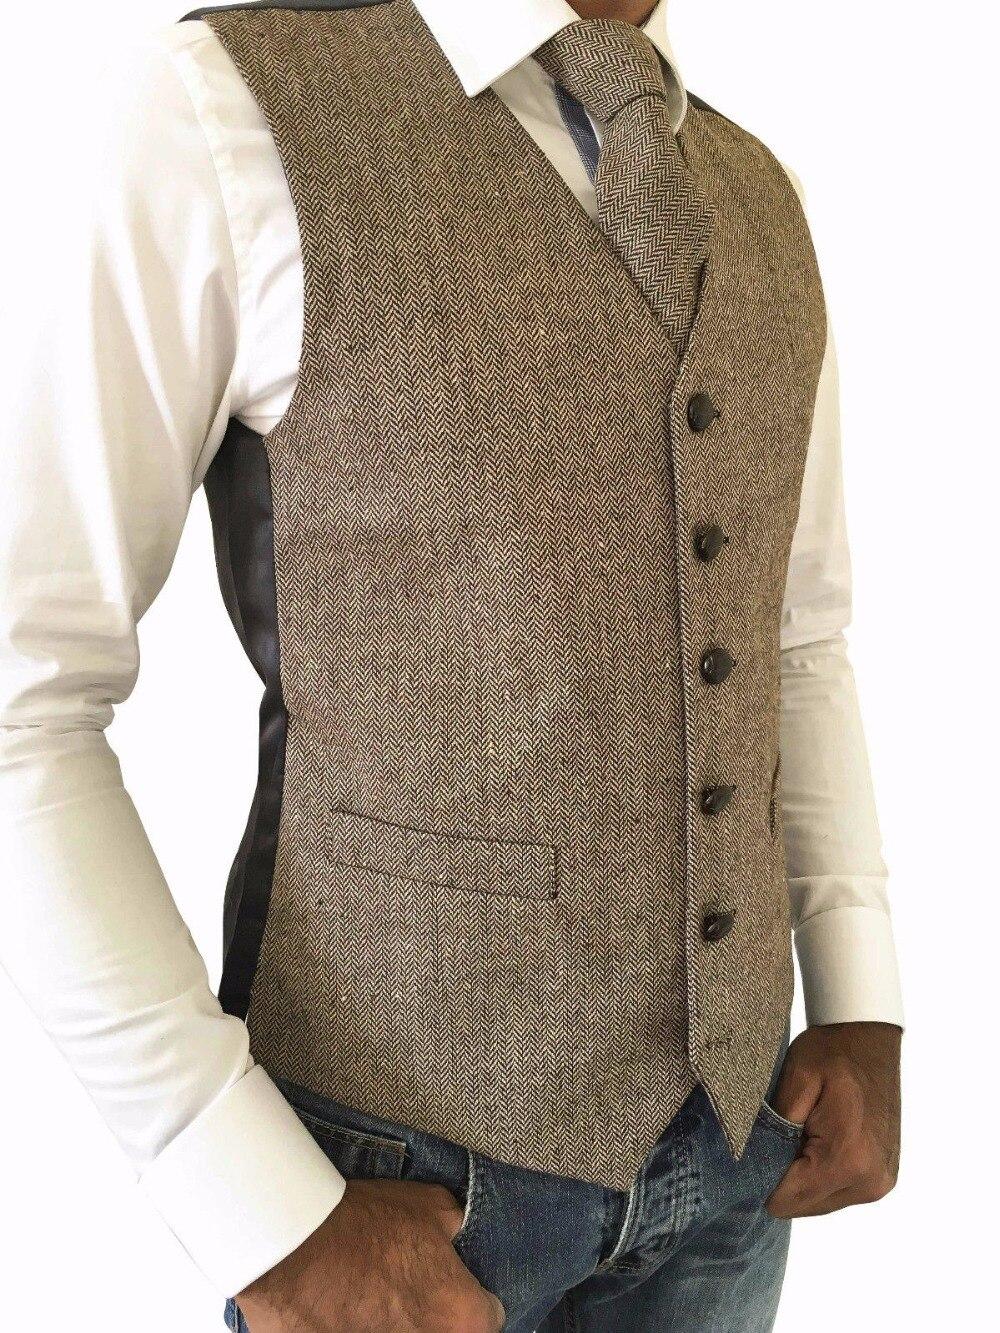 b73ec38f3 Chaleco de Tweed Vintage de boda rústica para hombre chaleco de lana de  espiga de TWEED marrón Chaleco de graduación para hombre hecho a medida